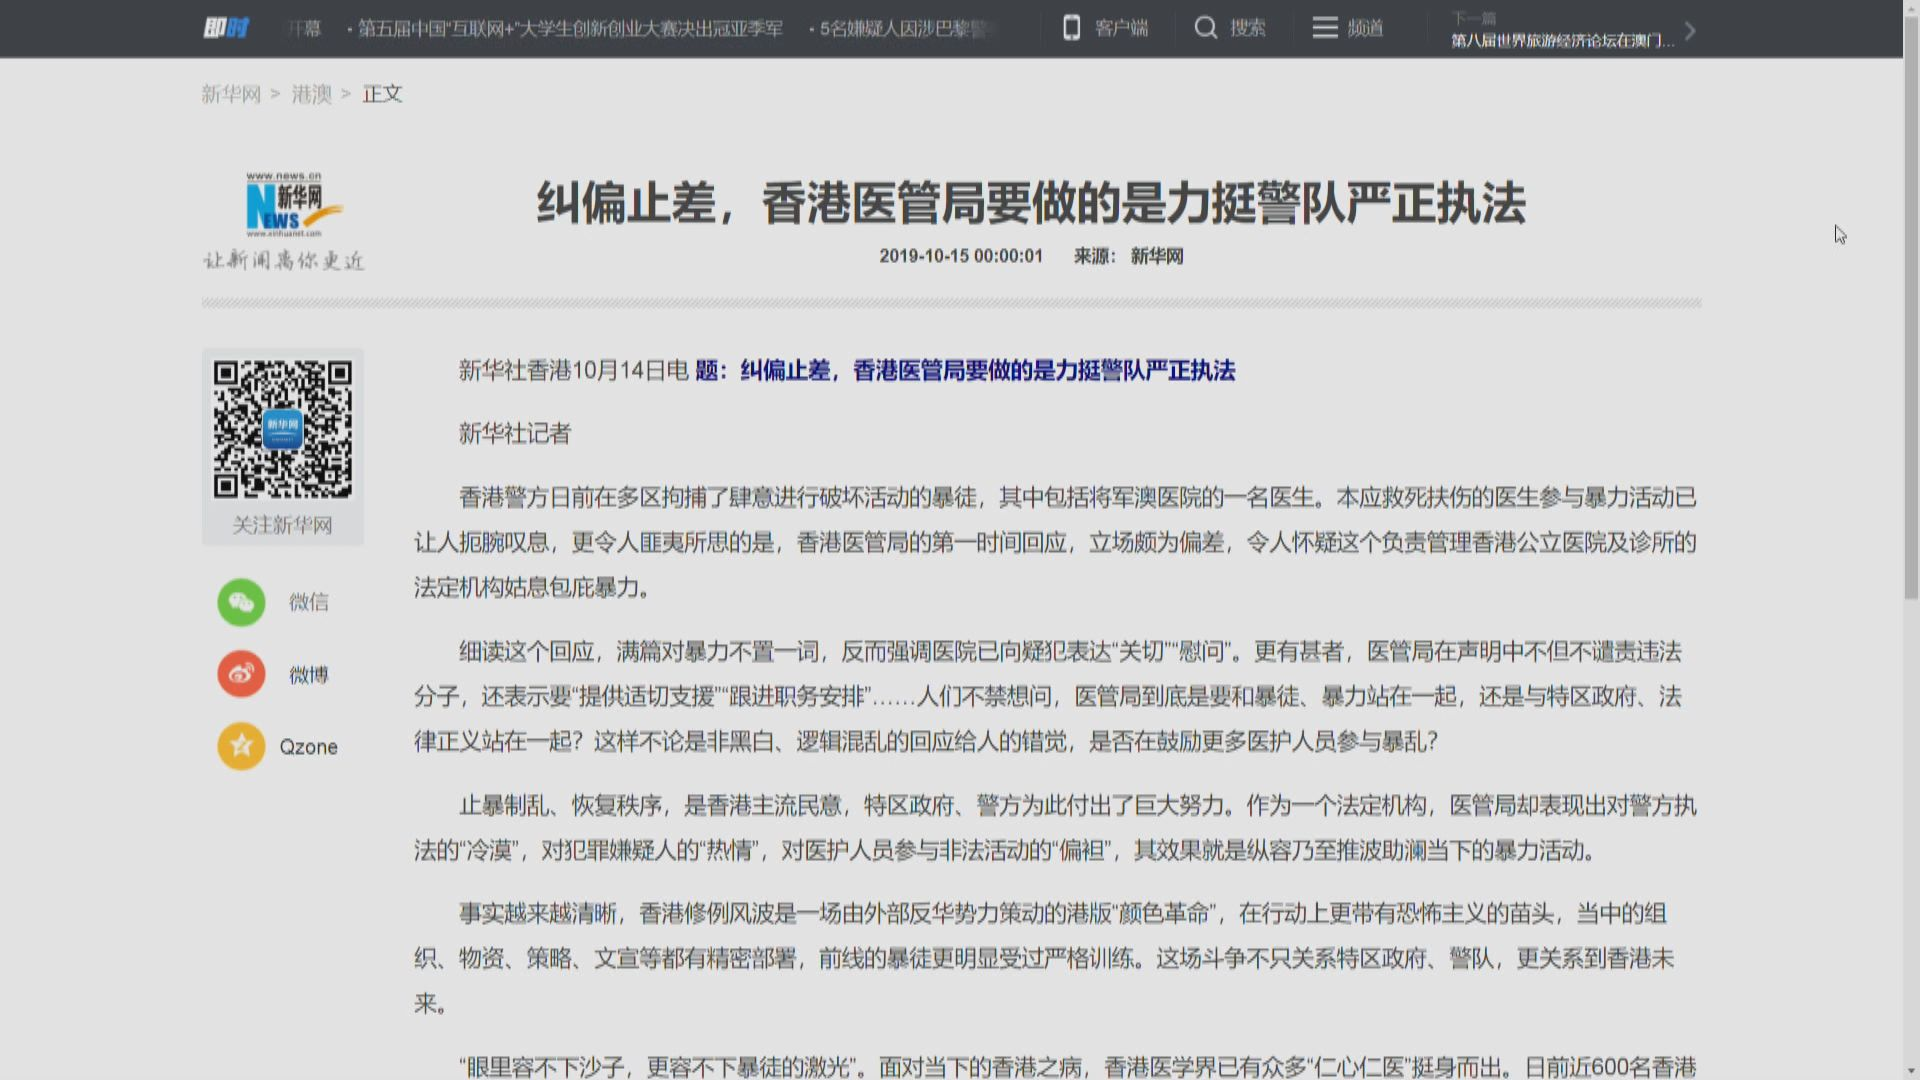 新華社:醫管局回應醫生被捕令人懷疑姑息包庇暴力